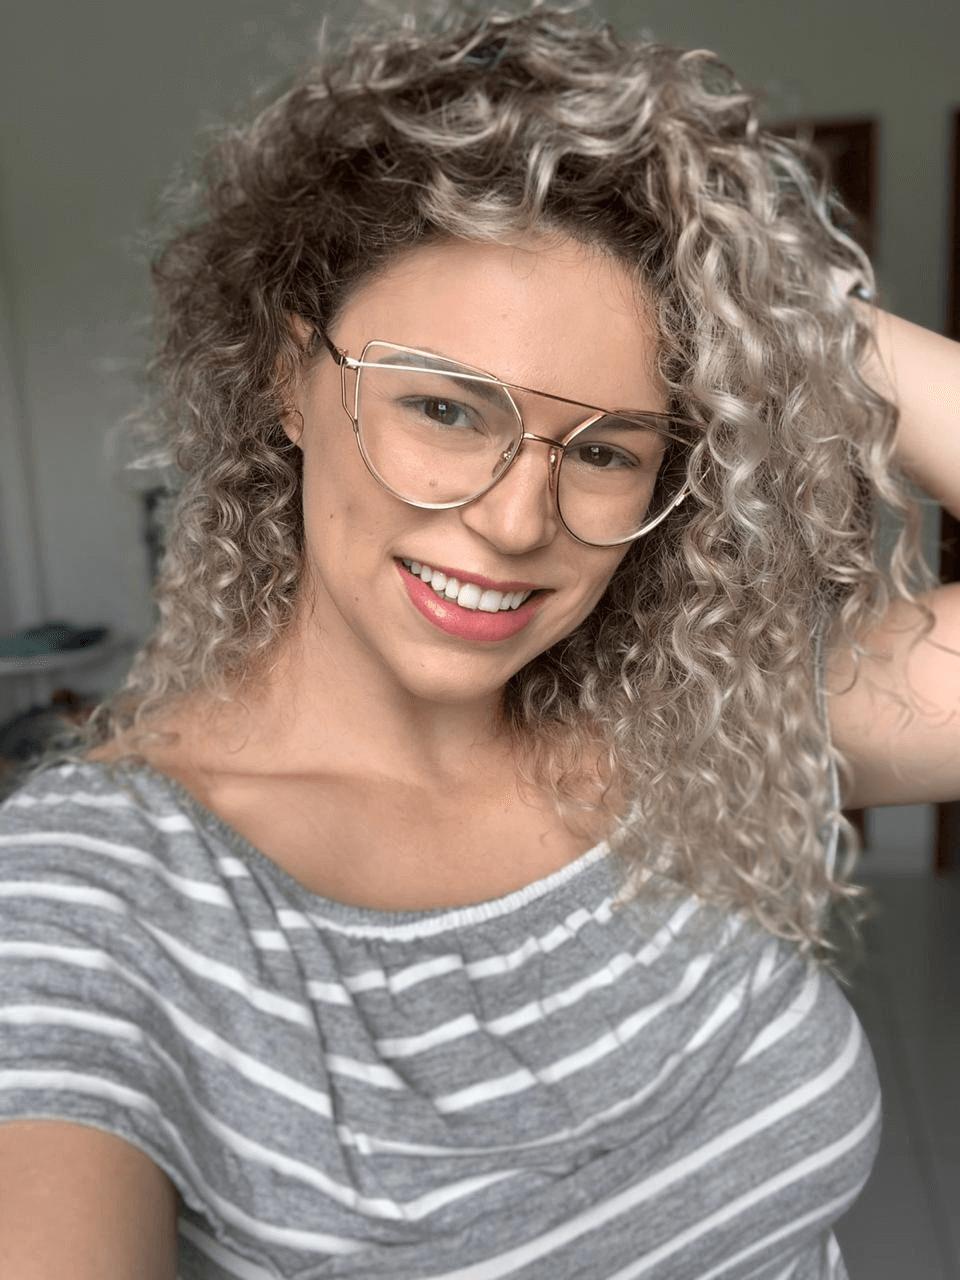 Raquel Urtassum